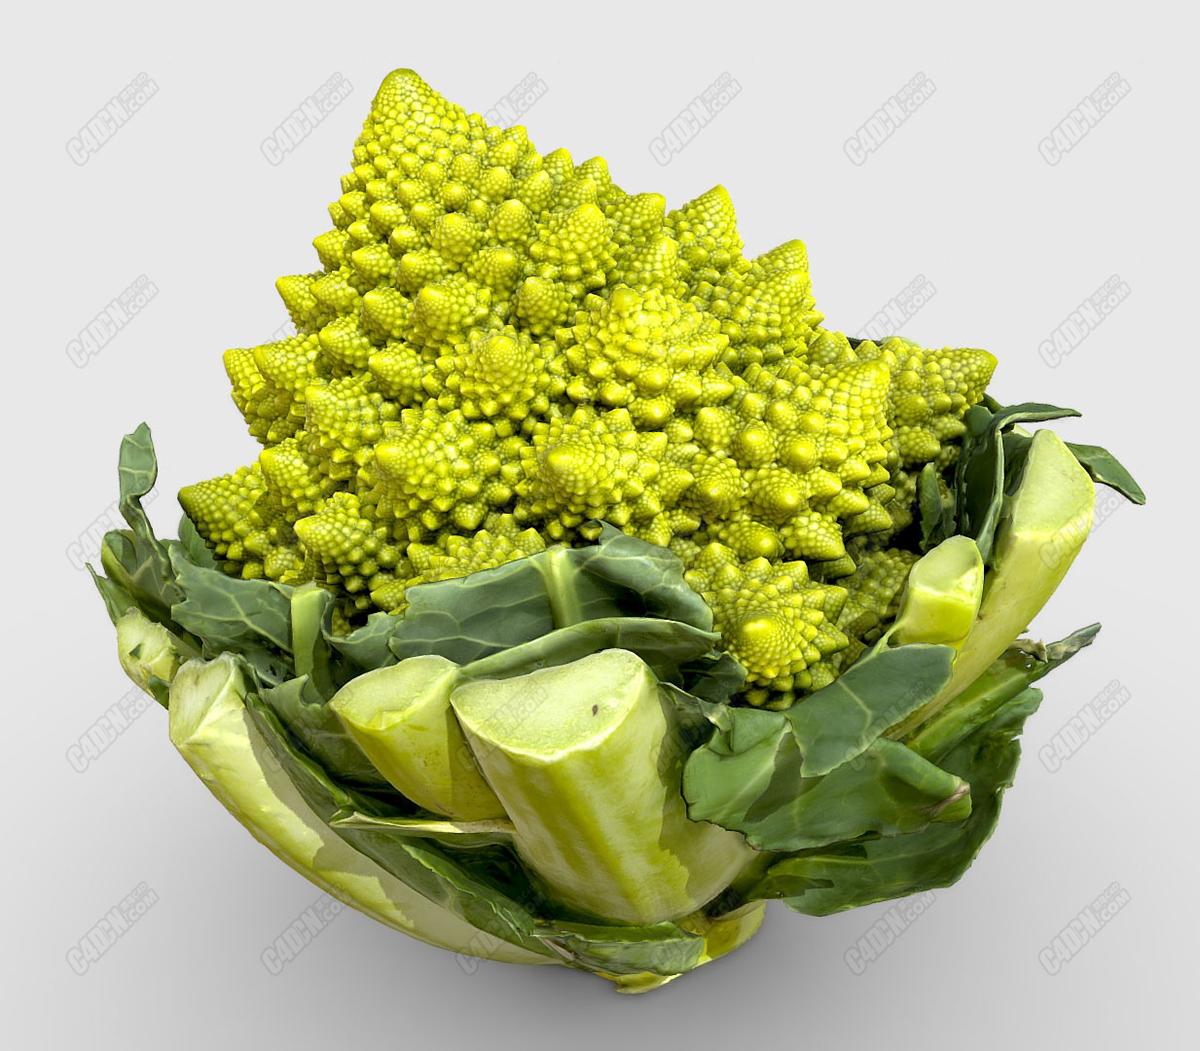 C4D罗曼内斯科(Romanesco)蔬菜模型